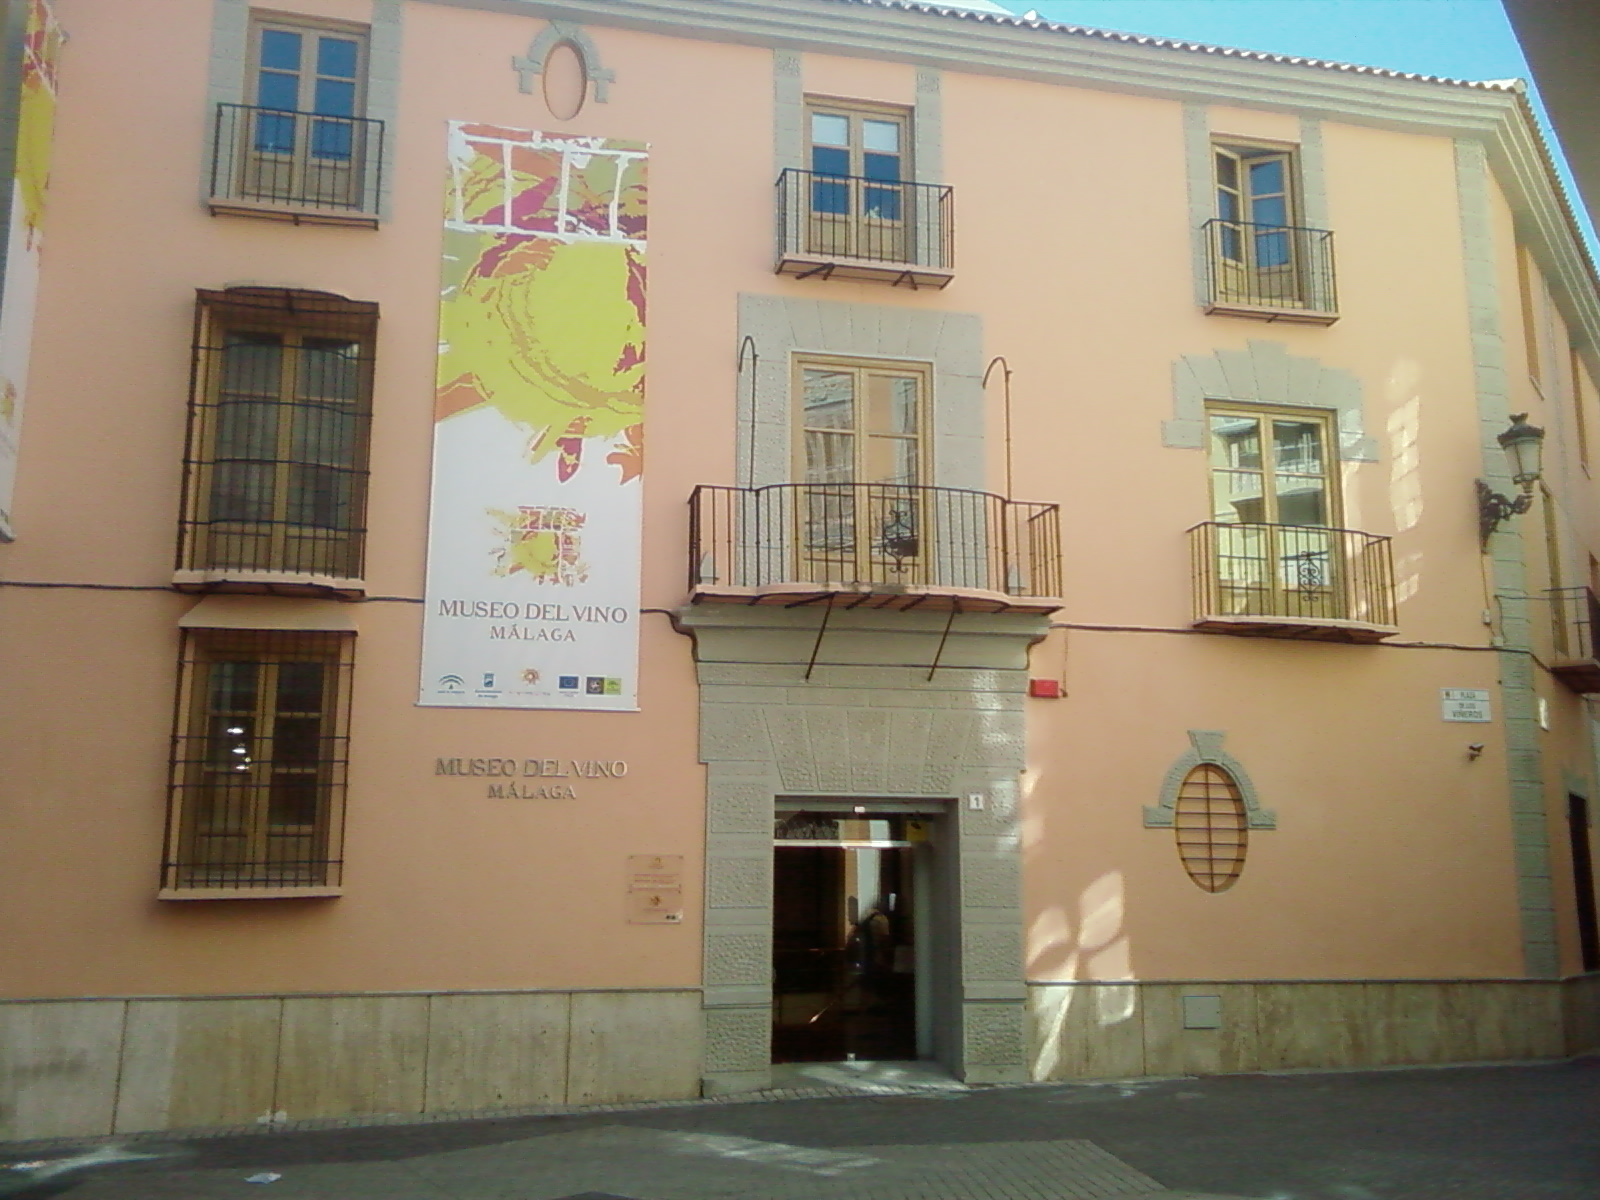 File:Museo del Vino Málaga.jpg - Wikimedia Commons